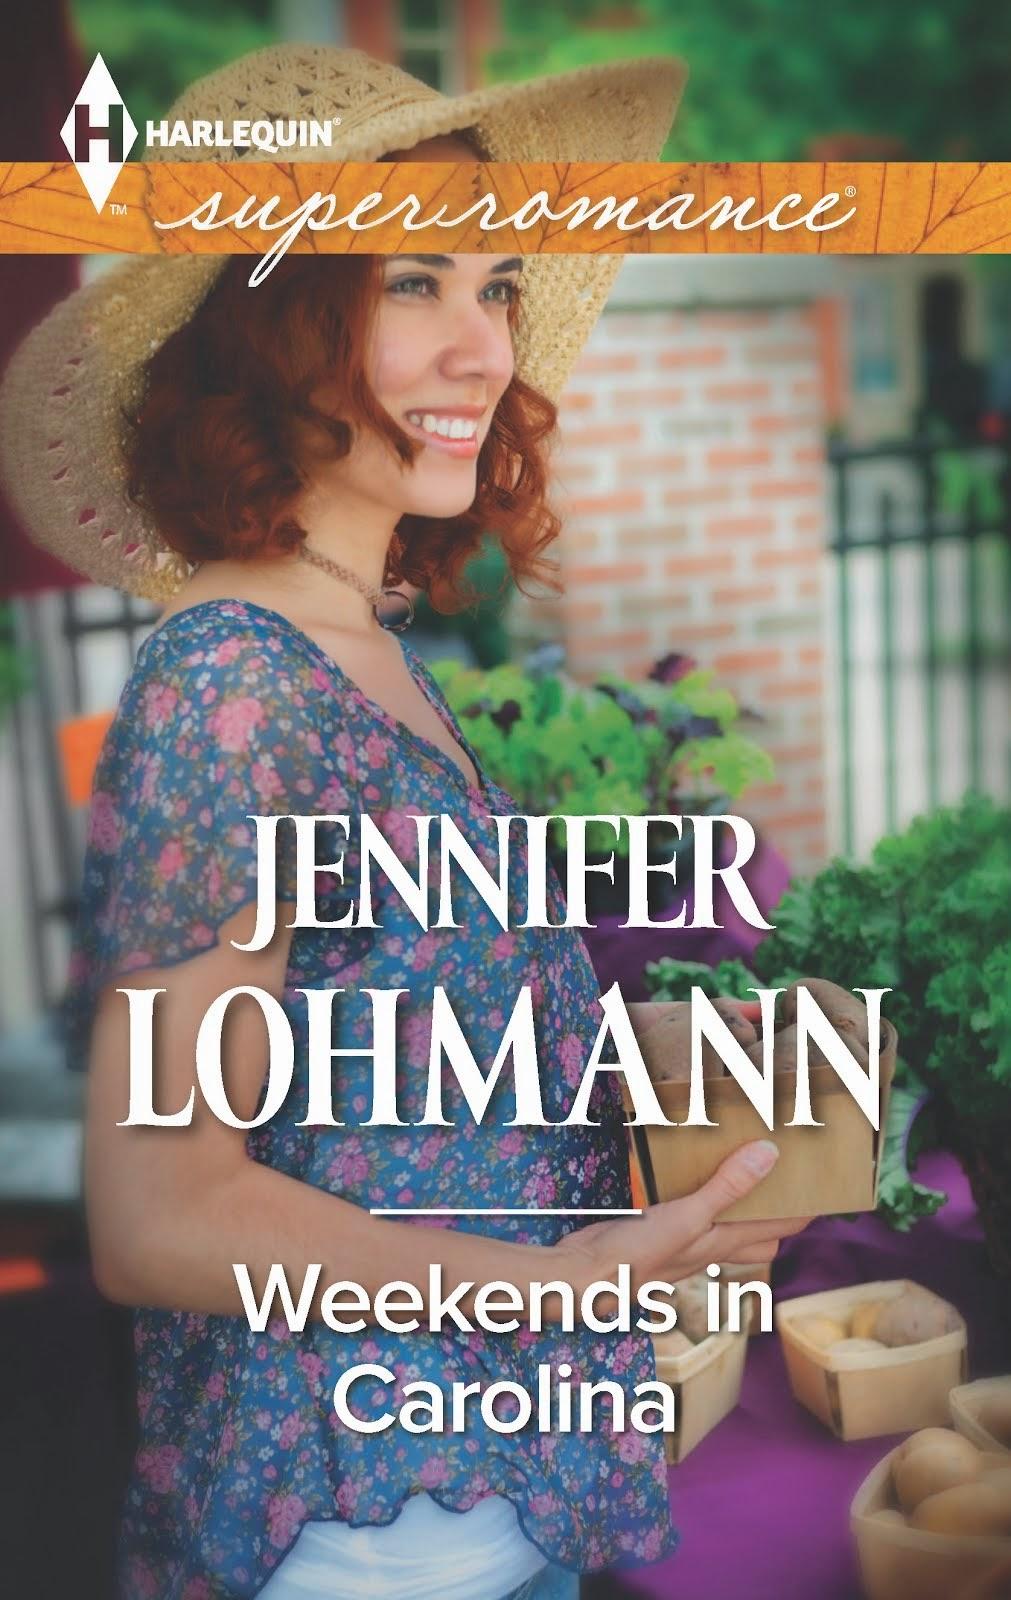 Jennifer Lohmann